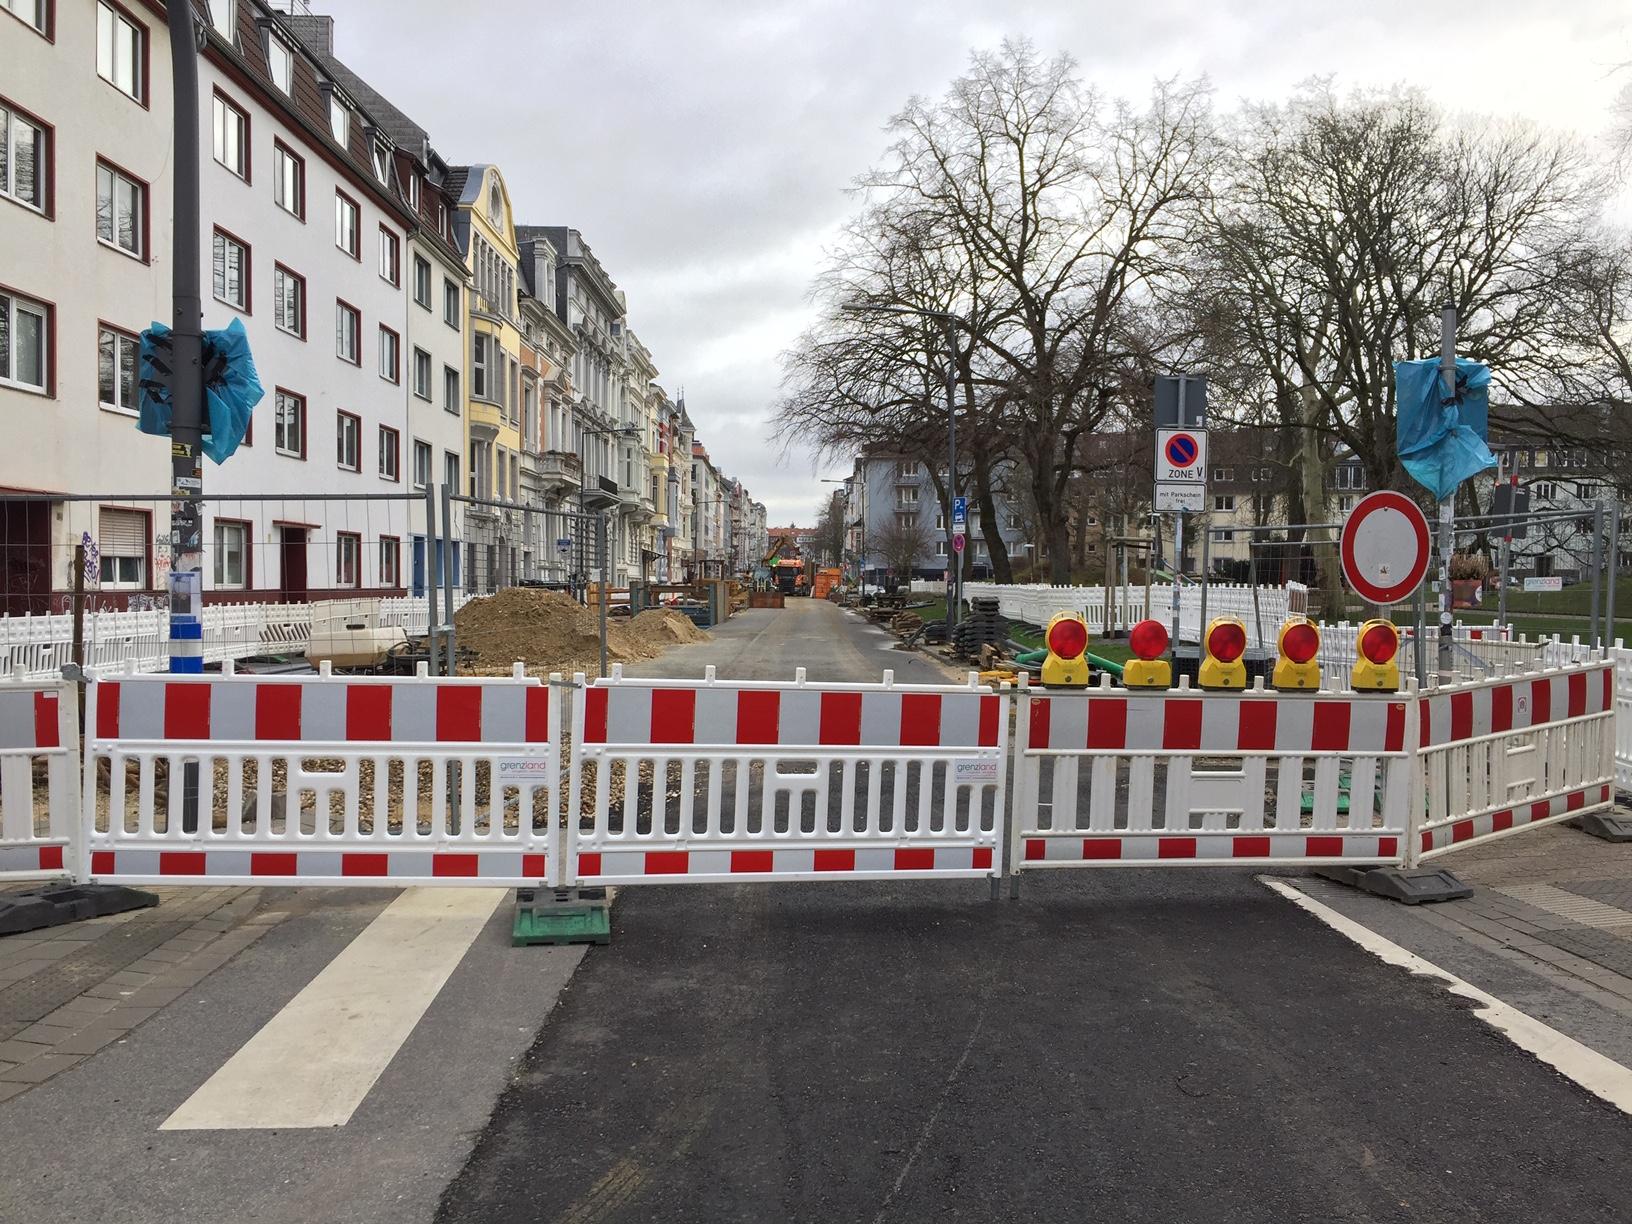 Beverstraße wird Fahrradstraße, mal sehen für wie lange. Bismarckstraße zu.